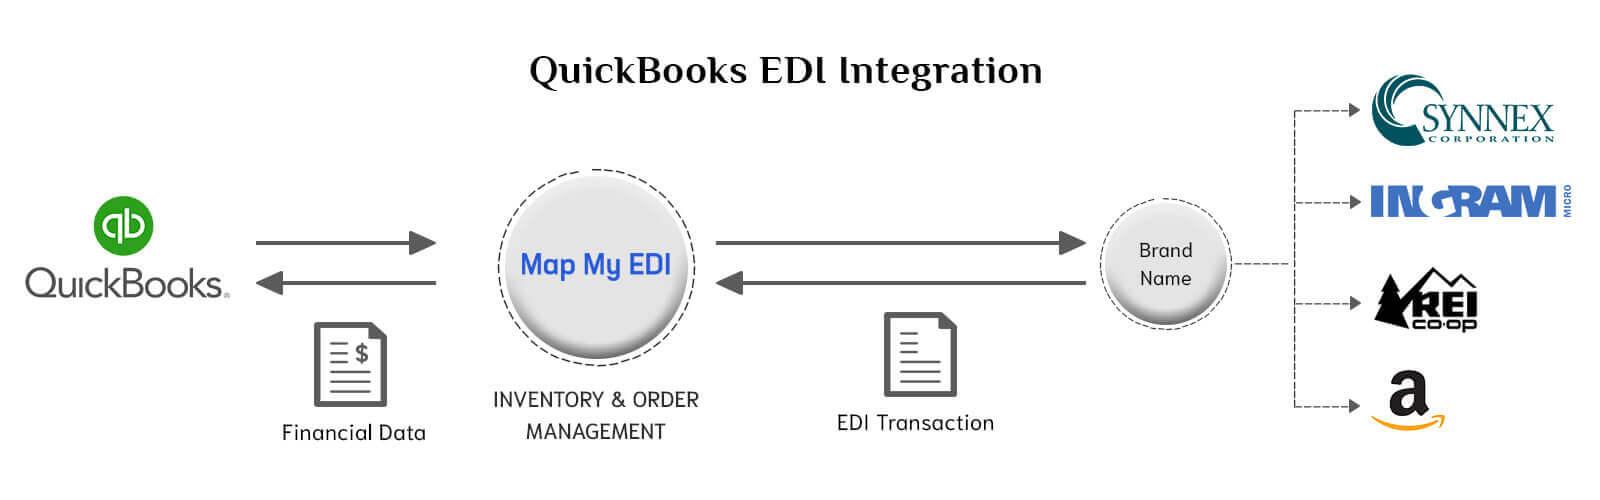 QuickBooks-EDI-Integration-1